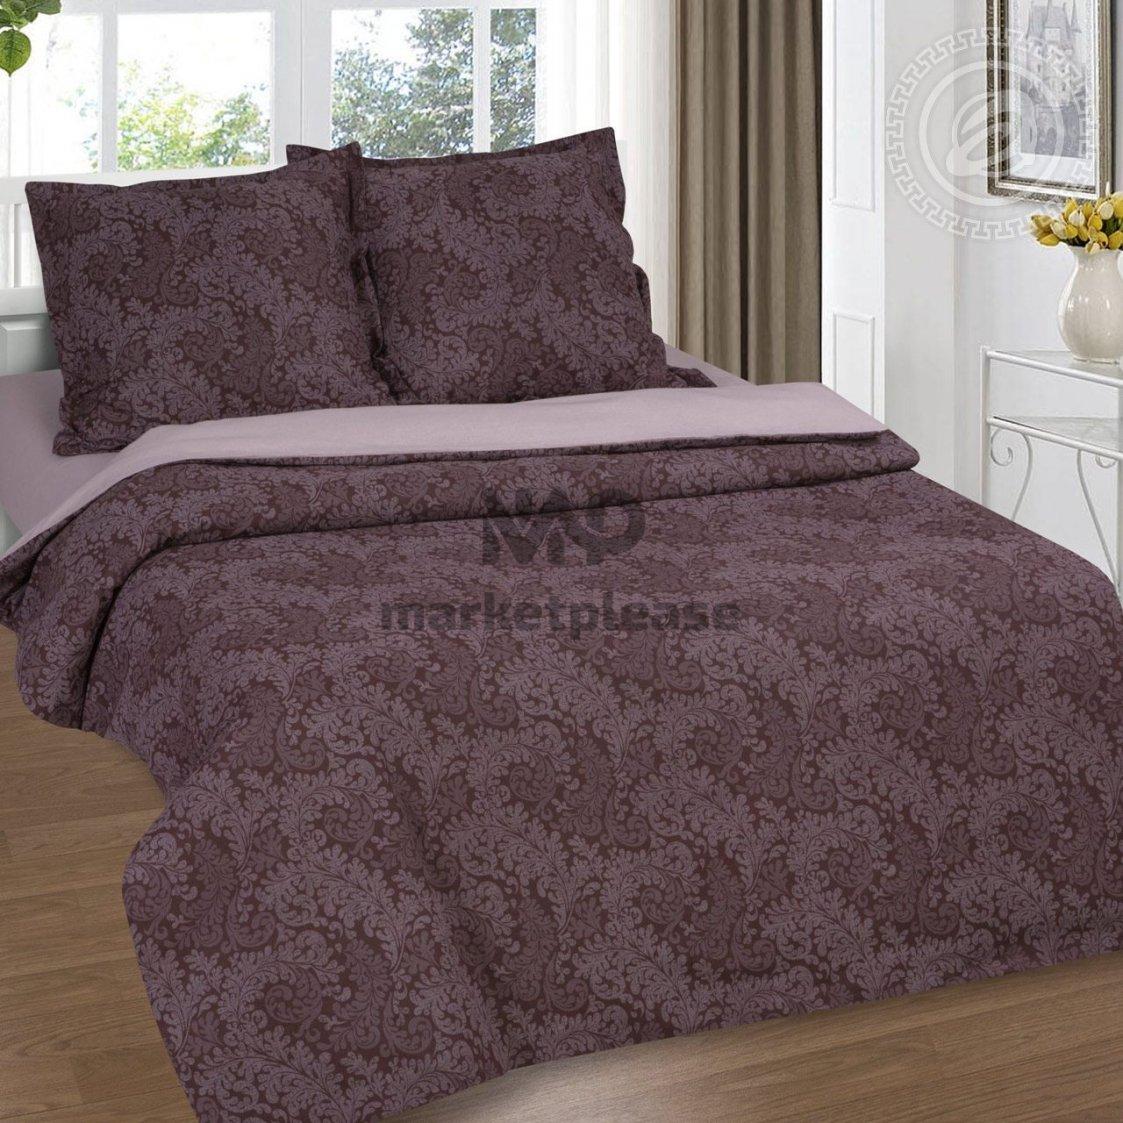 """Рулон ткани поплин """"Вирджиния3"""" 220 см."""